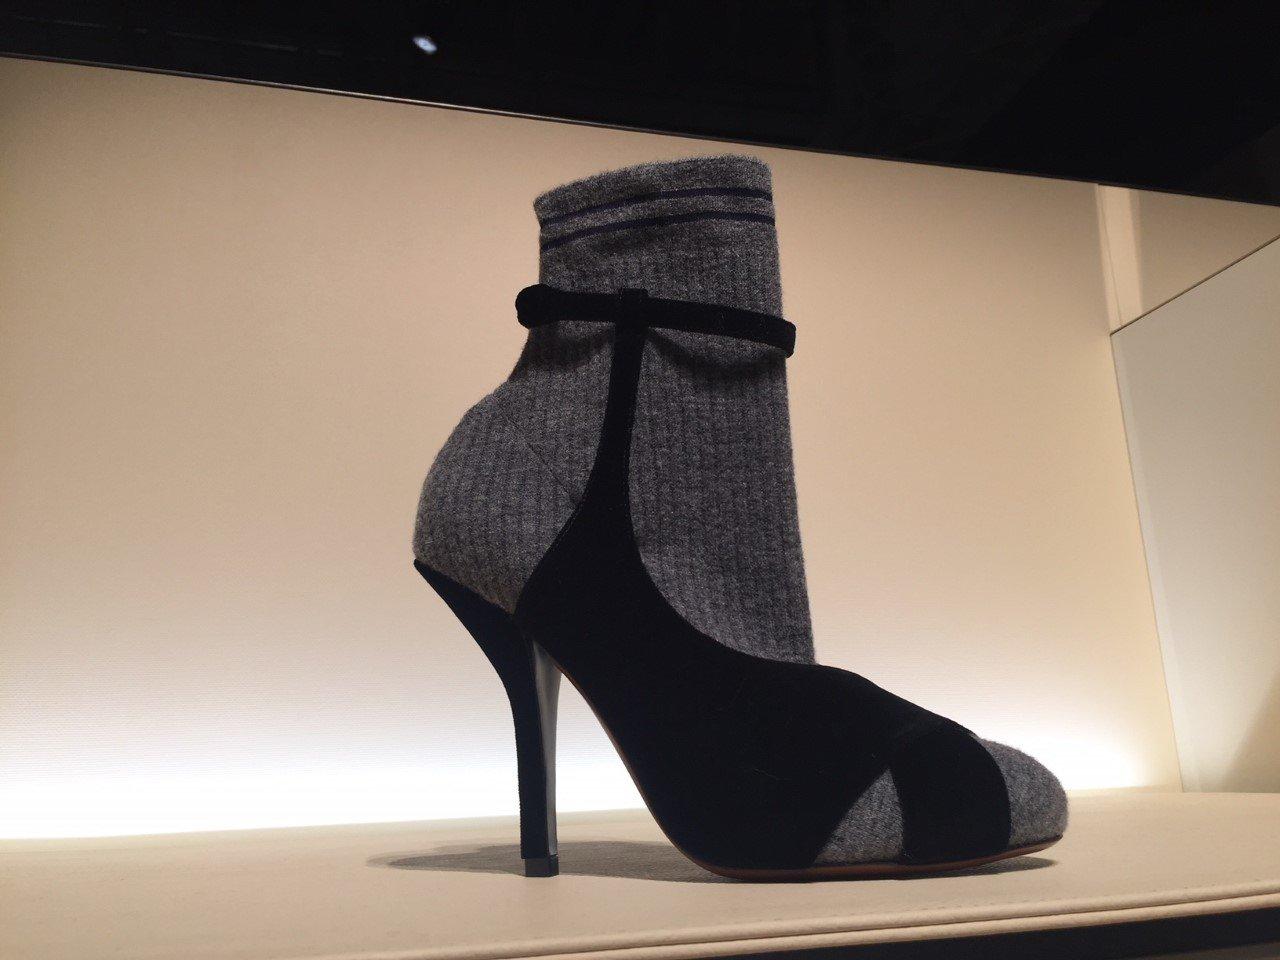 Tendenze scarpe 2018: i sandali invernali